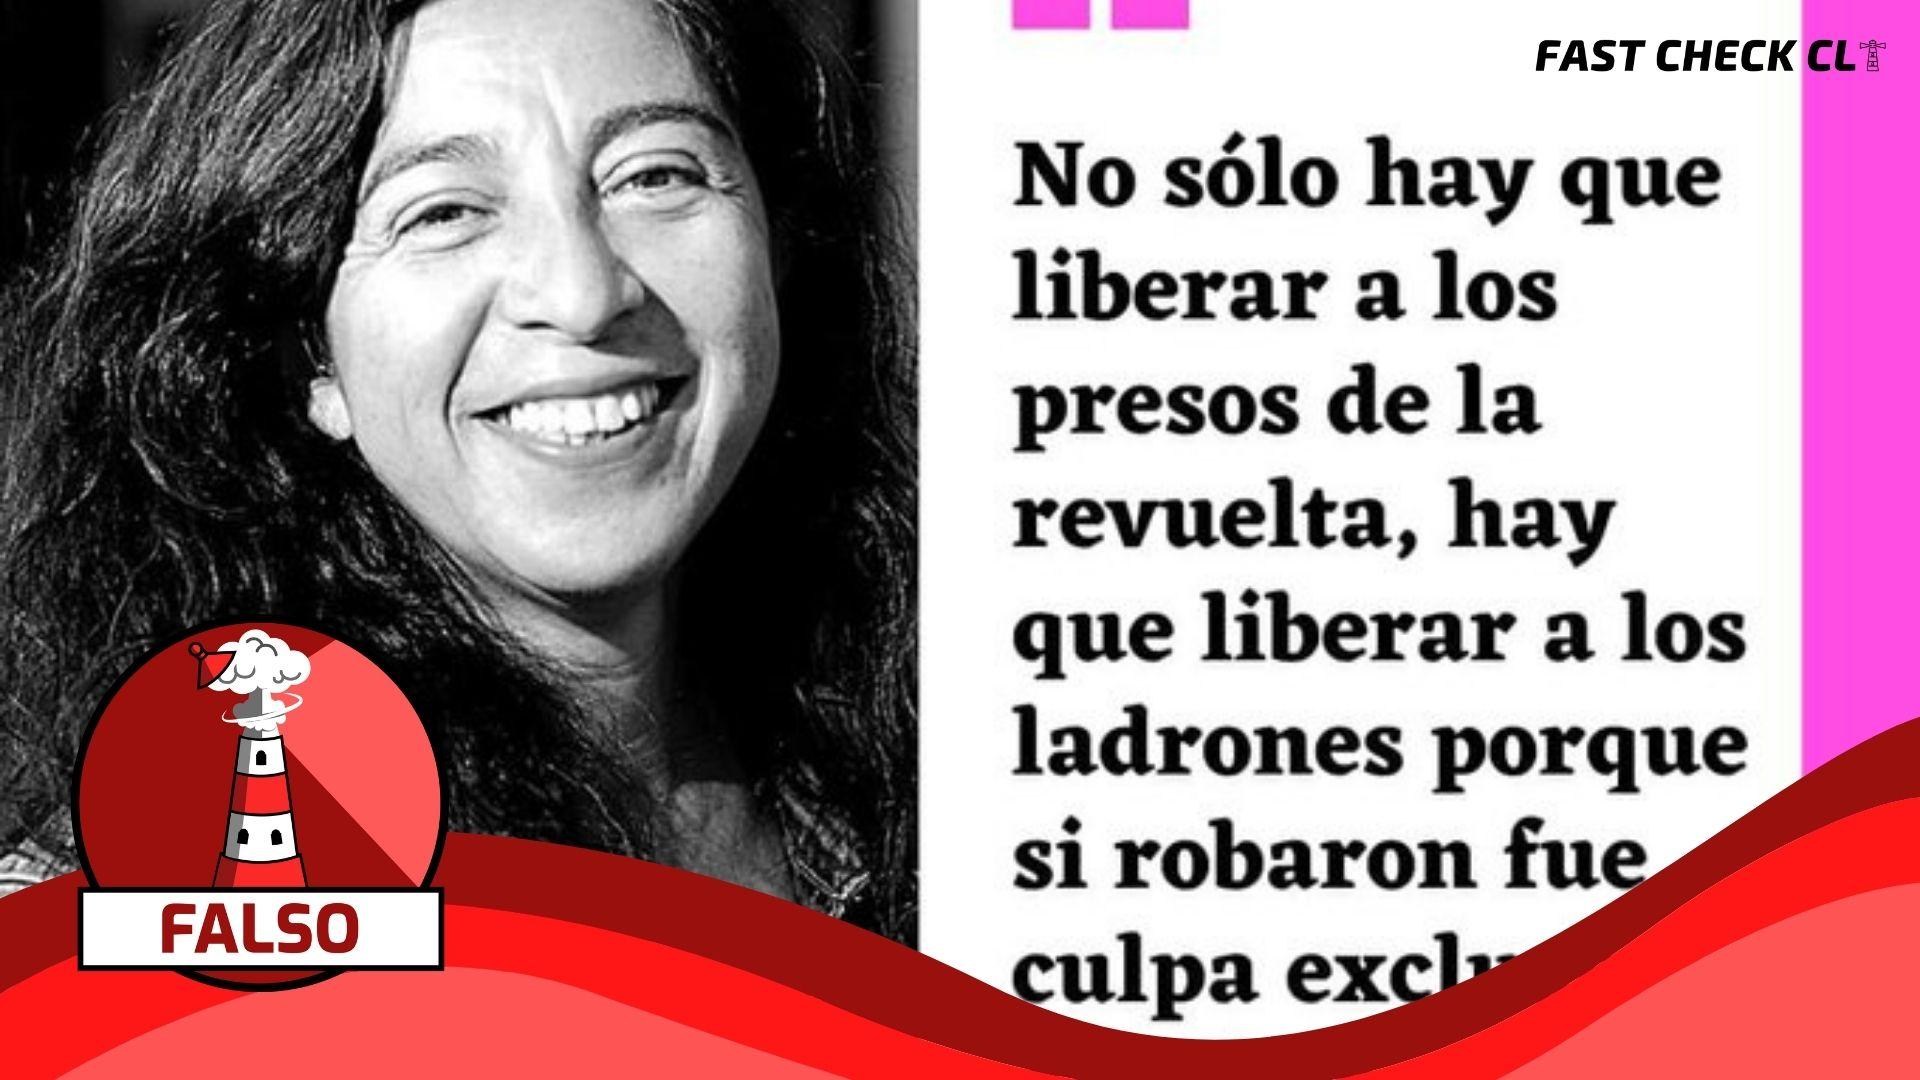 (Imágenes) Liberar a ladrones y expropiar bienes, frases de las convencionales electas de la Lista del Pueblo, Tania Madariaga y Lisette Vergara: #Falso